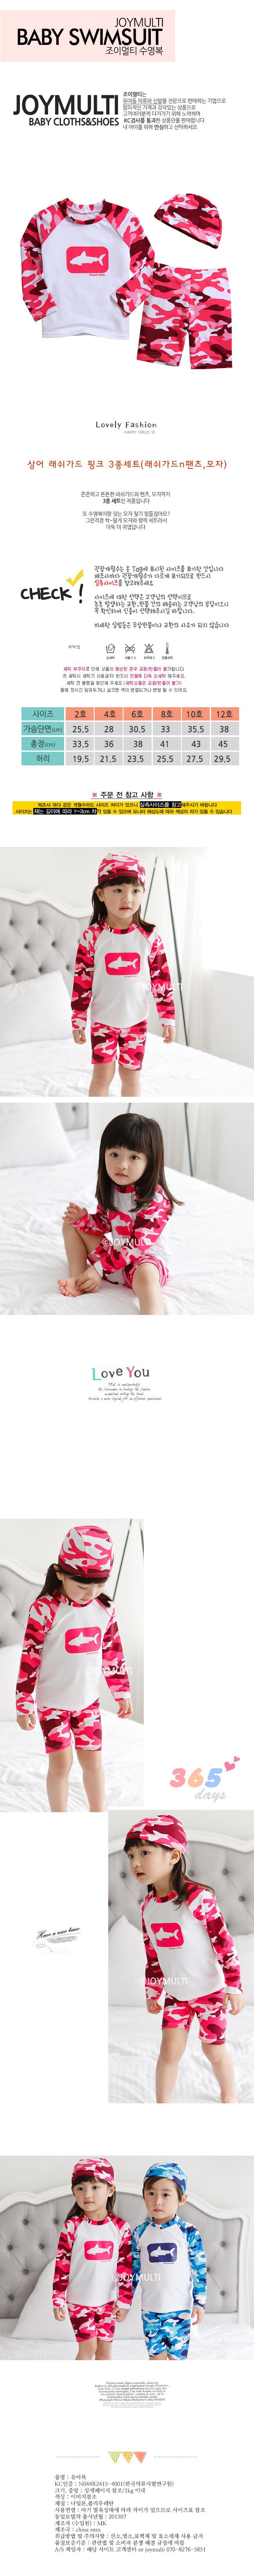 상어 래쉬가드 핑크 3종세트(1-10세) 202706 - 조이멀티, 31,400원, 시즌/이벤트의류잡화, 수영복